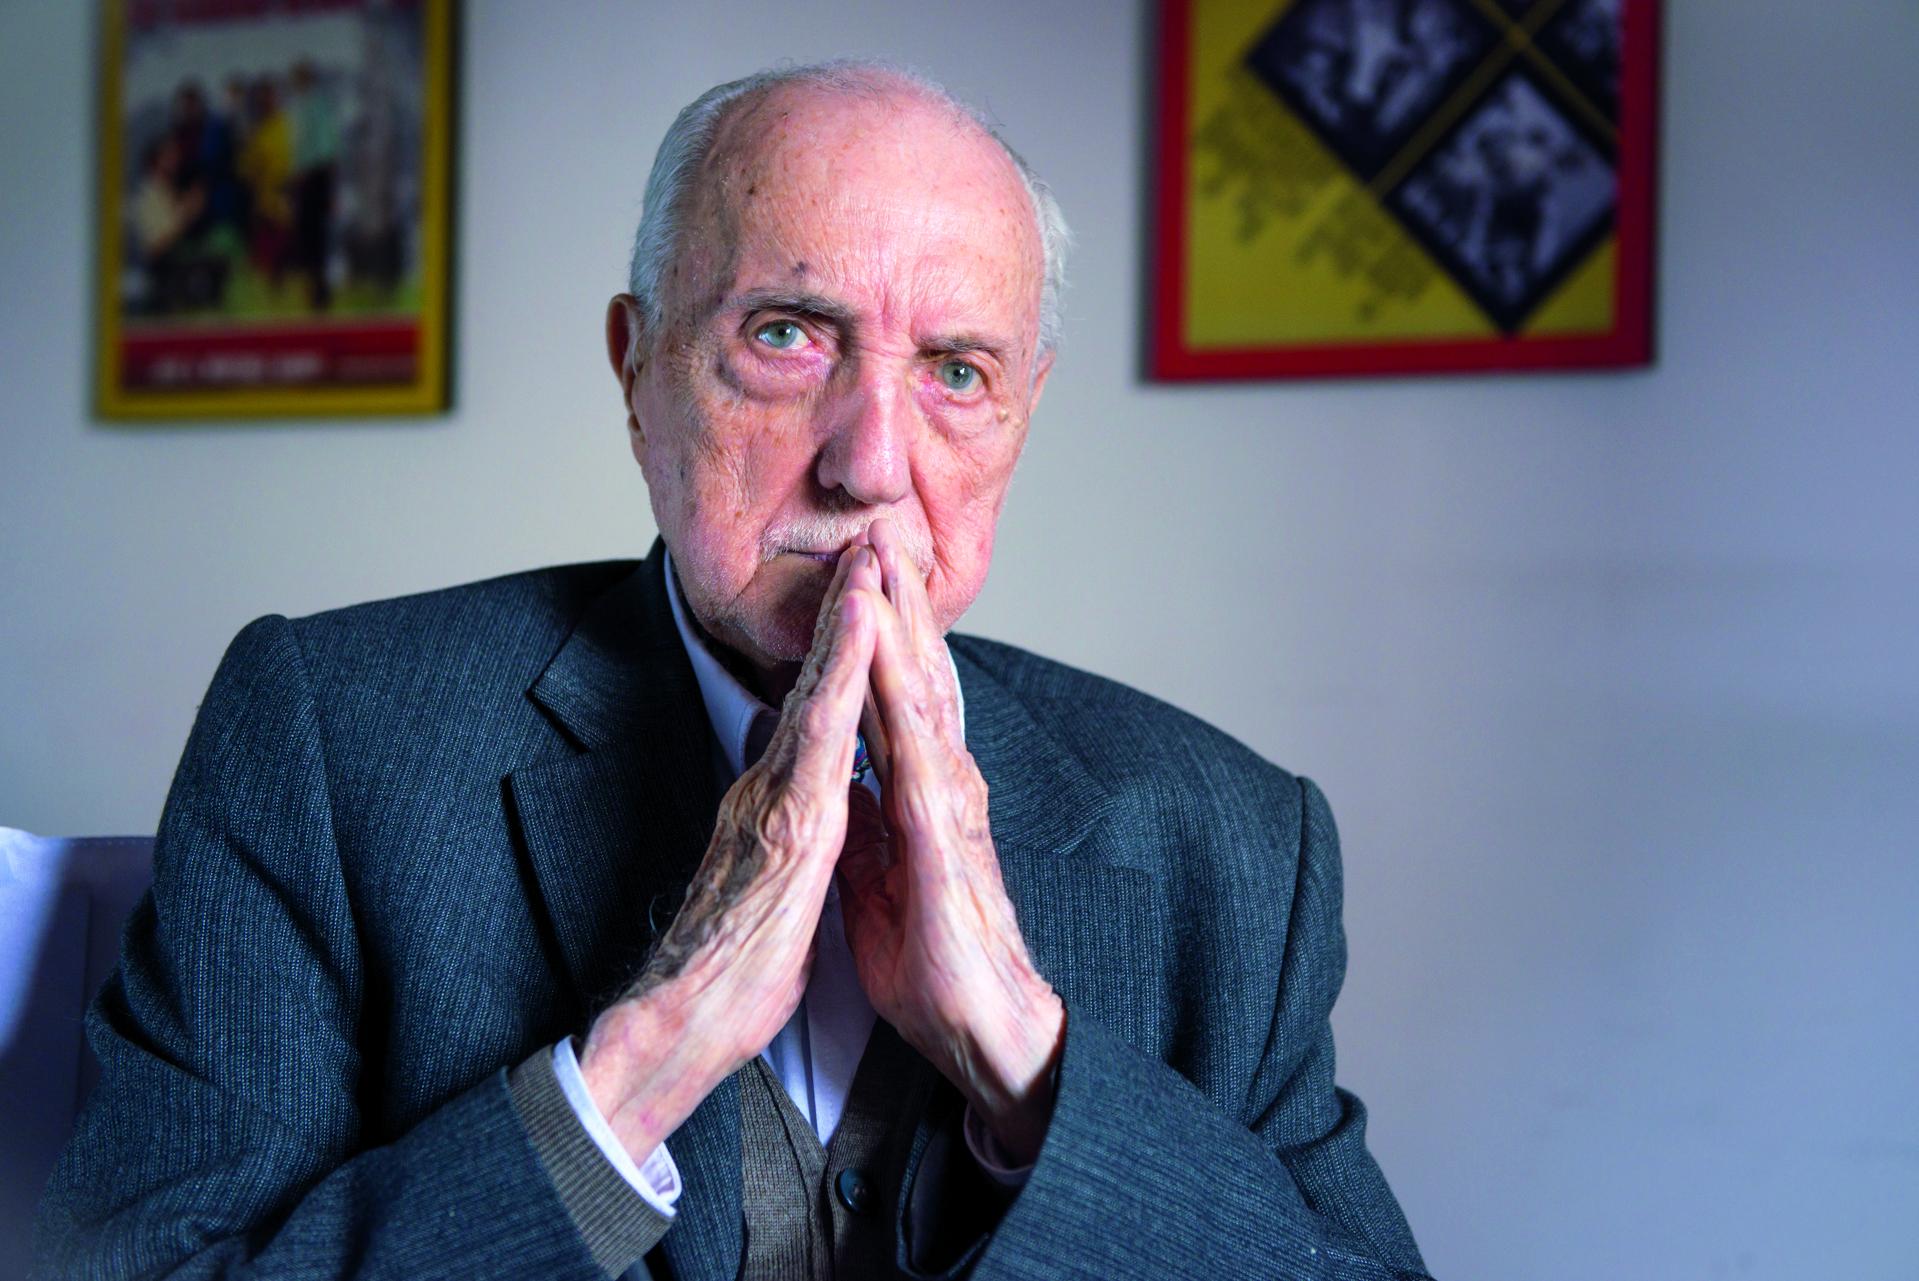 Josecito: Un joven de 93 años que se fue en paz